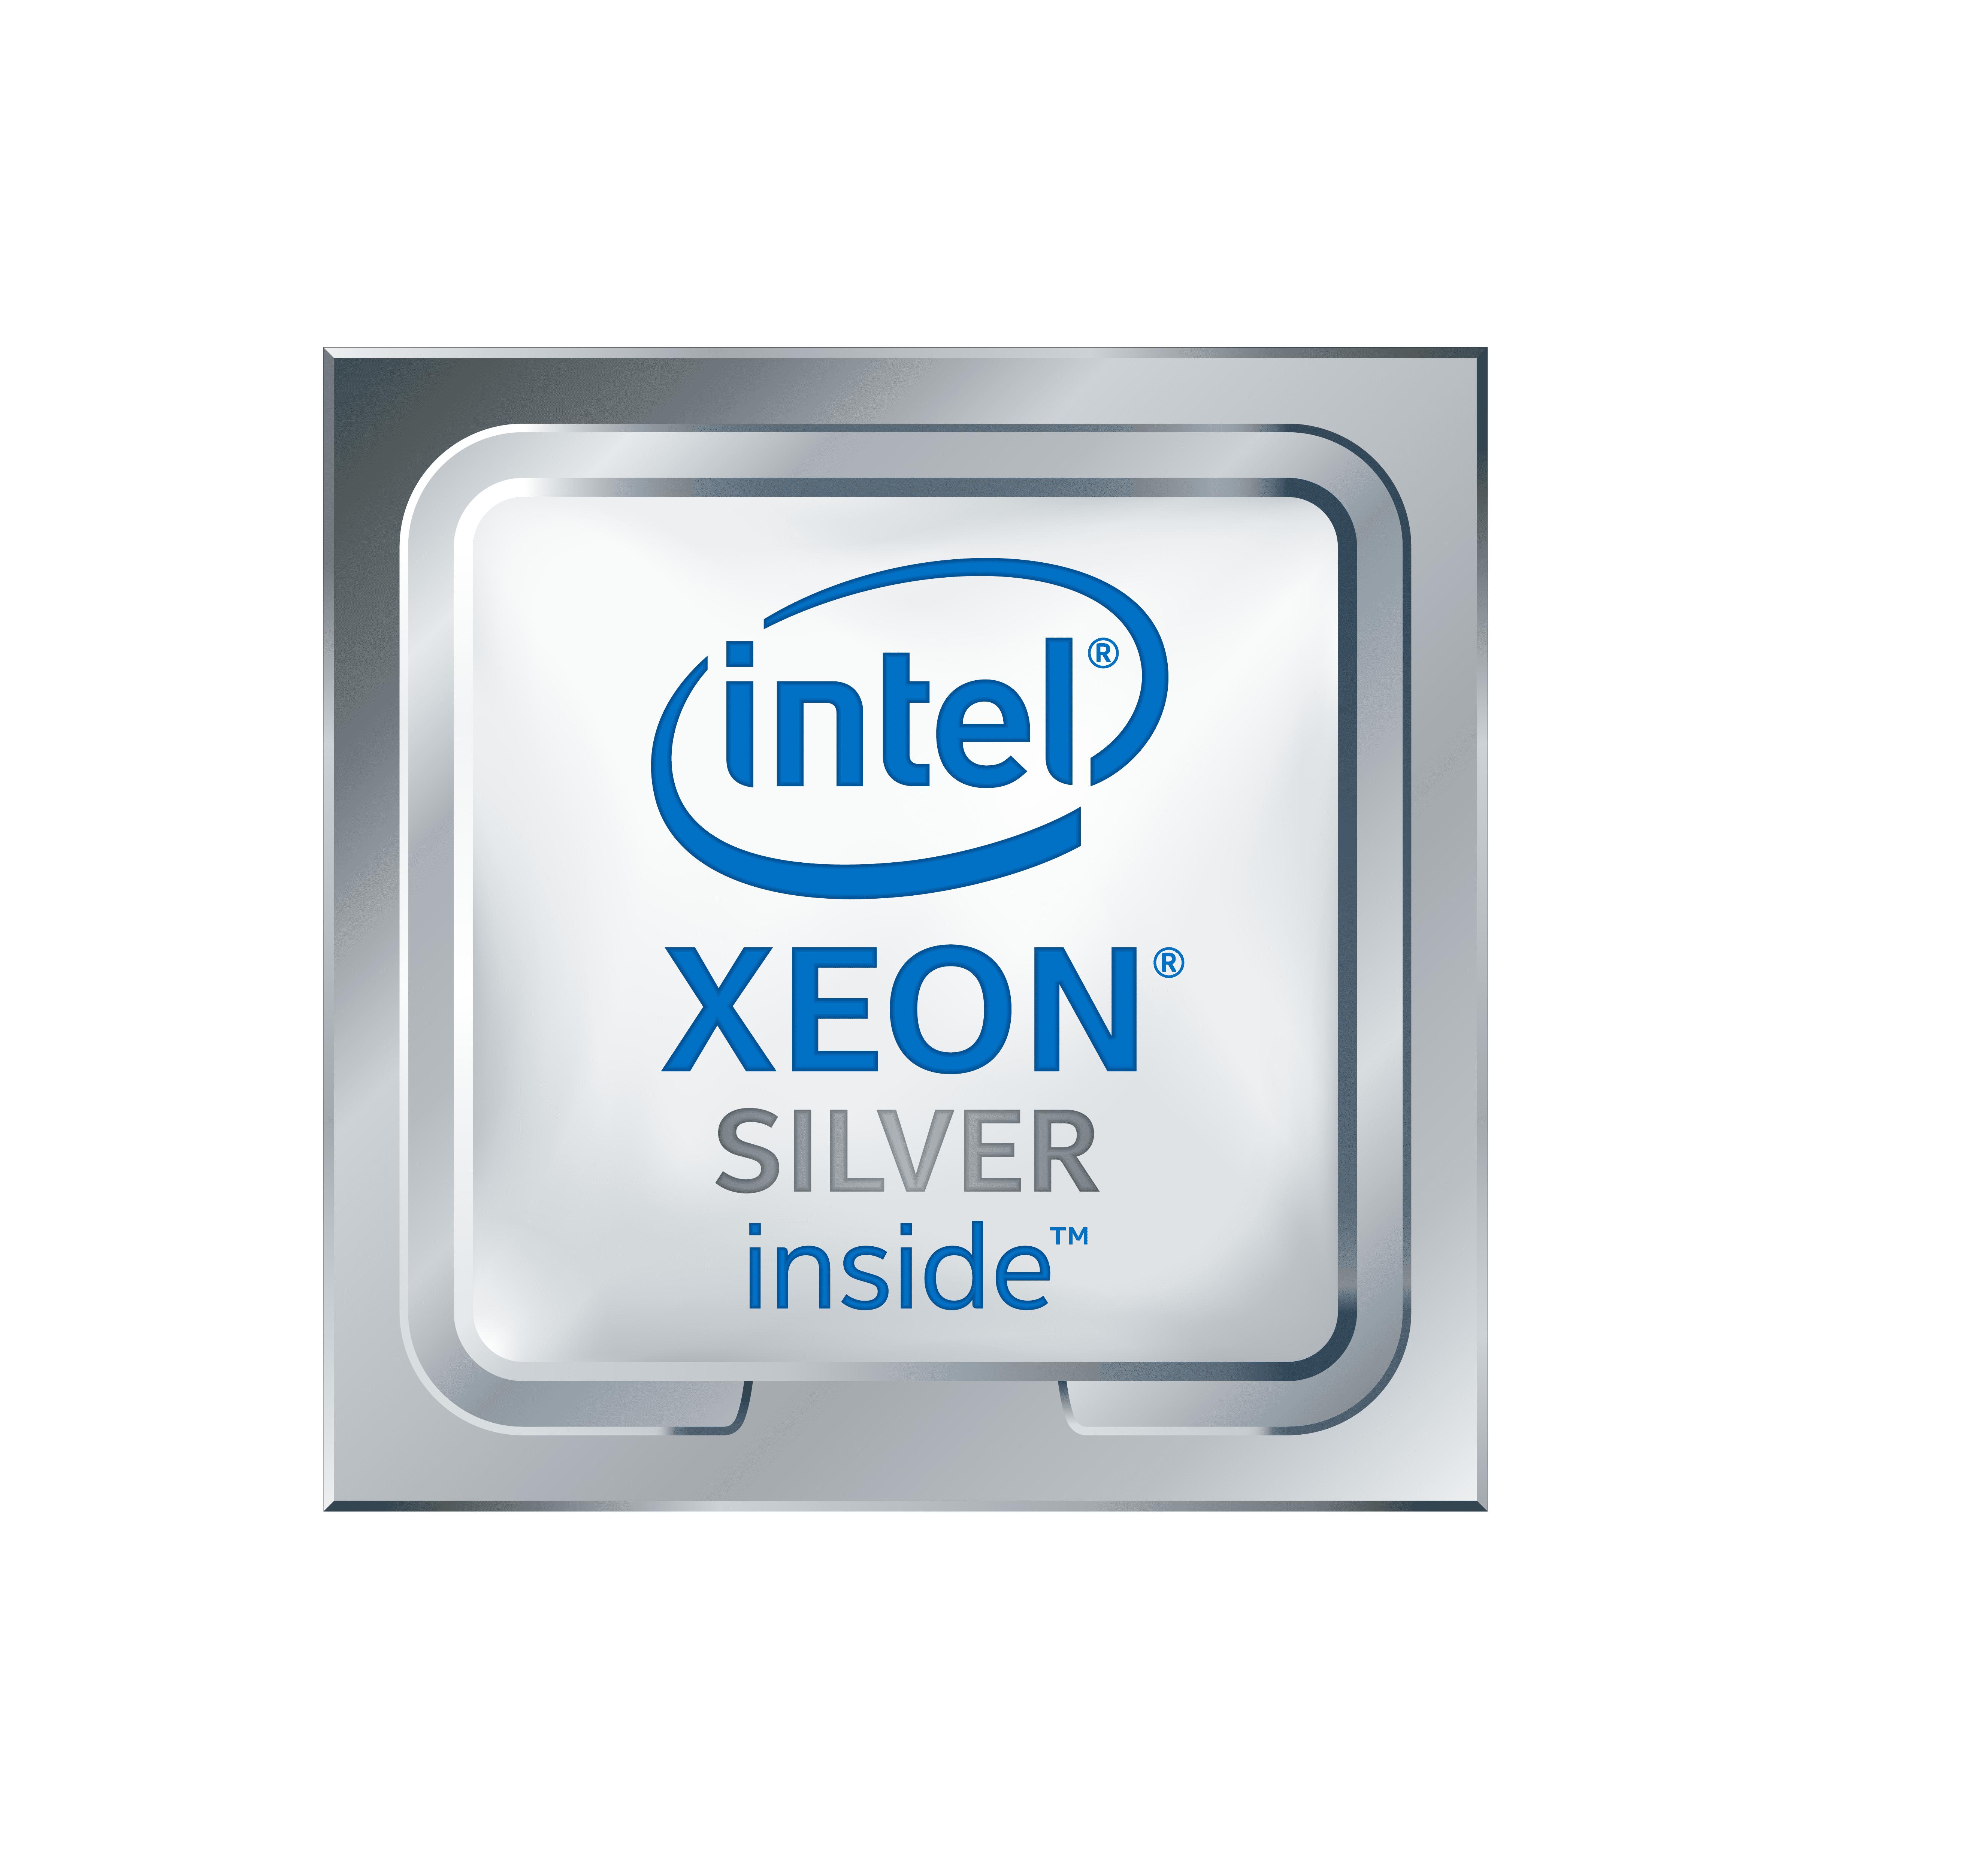 Intel Xeon Silver 4114 Processor (13.75M Cache, 2.20 GHz) FC-LGA14B by Intel